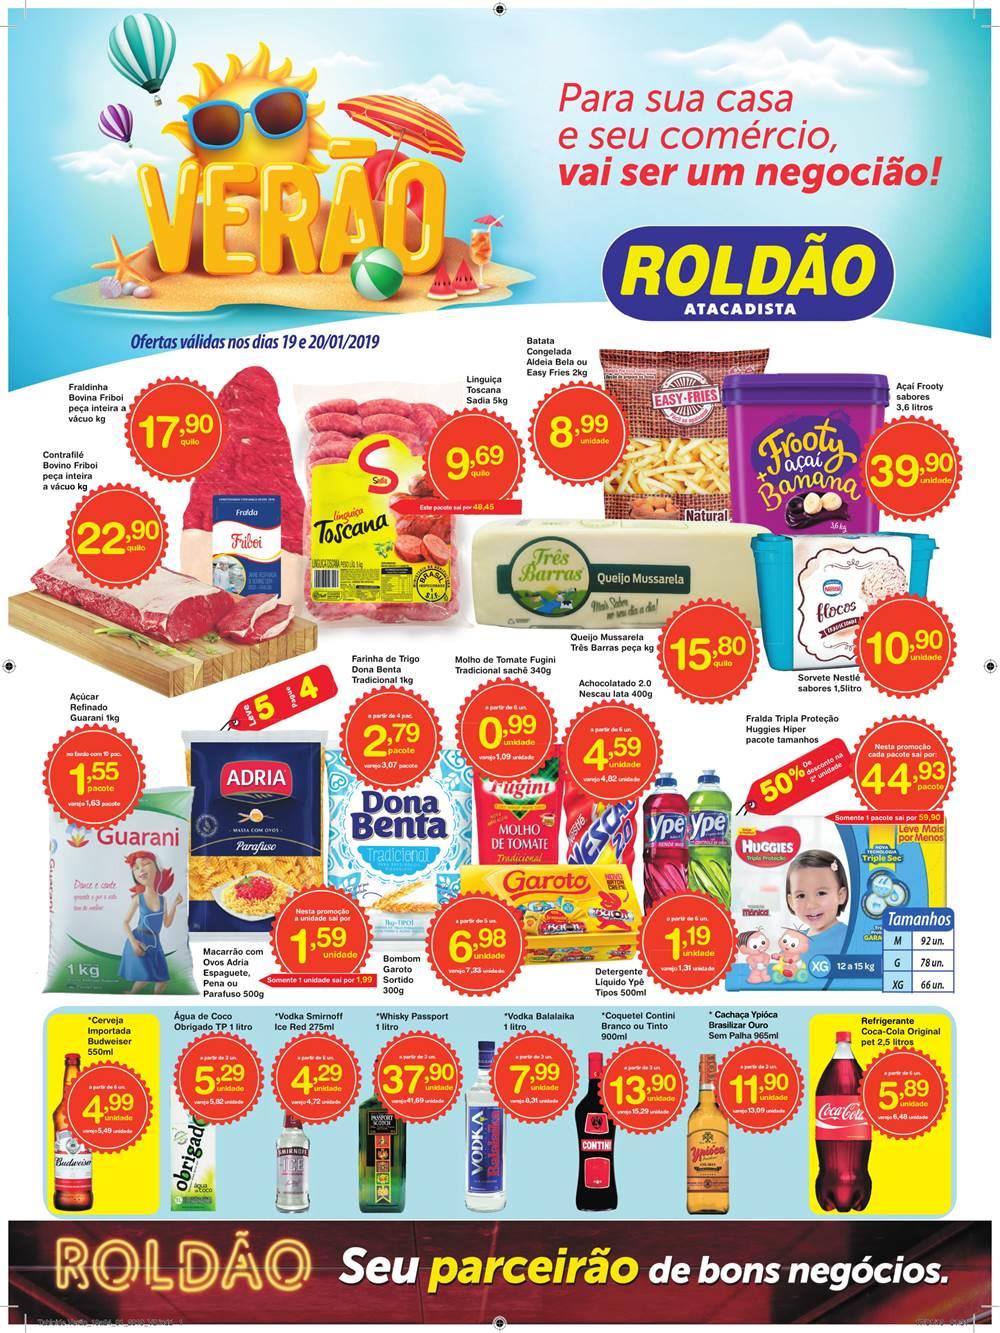 Ofertas-roldao1-5 Ofertas de Supermercados - Economize!